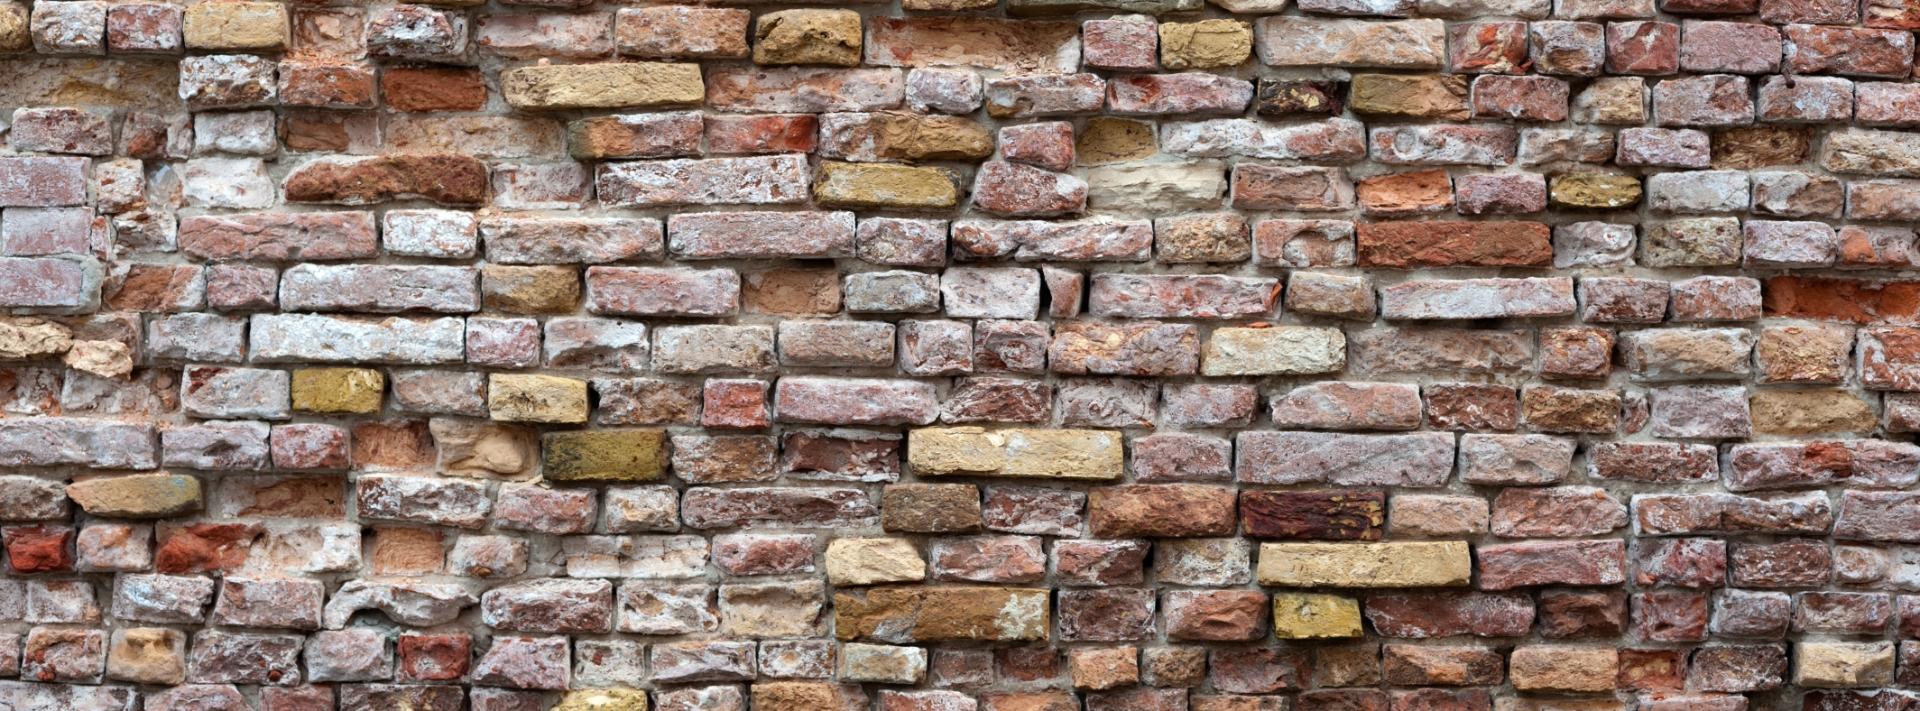 brick-wall-P5U3ZHQ